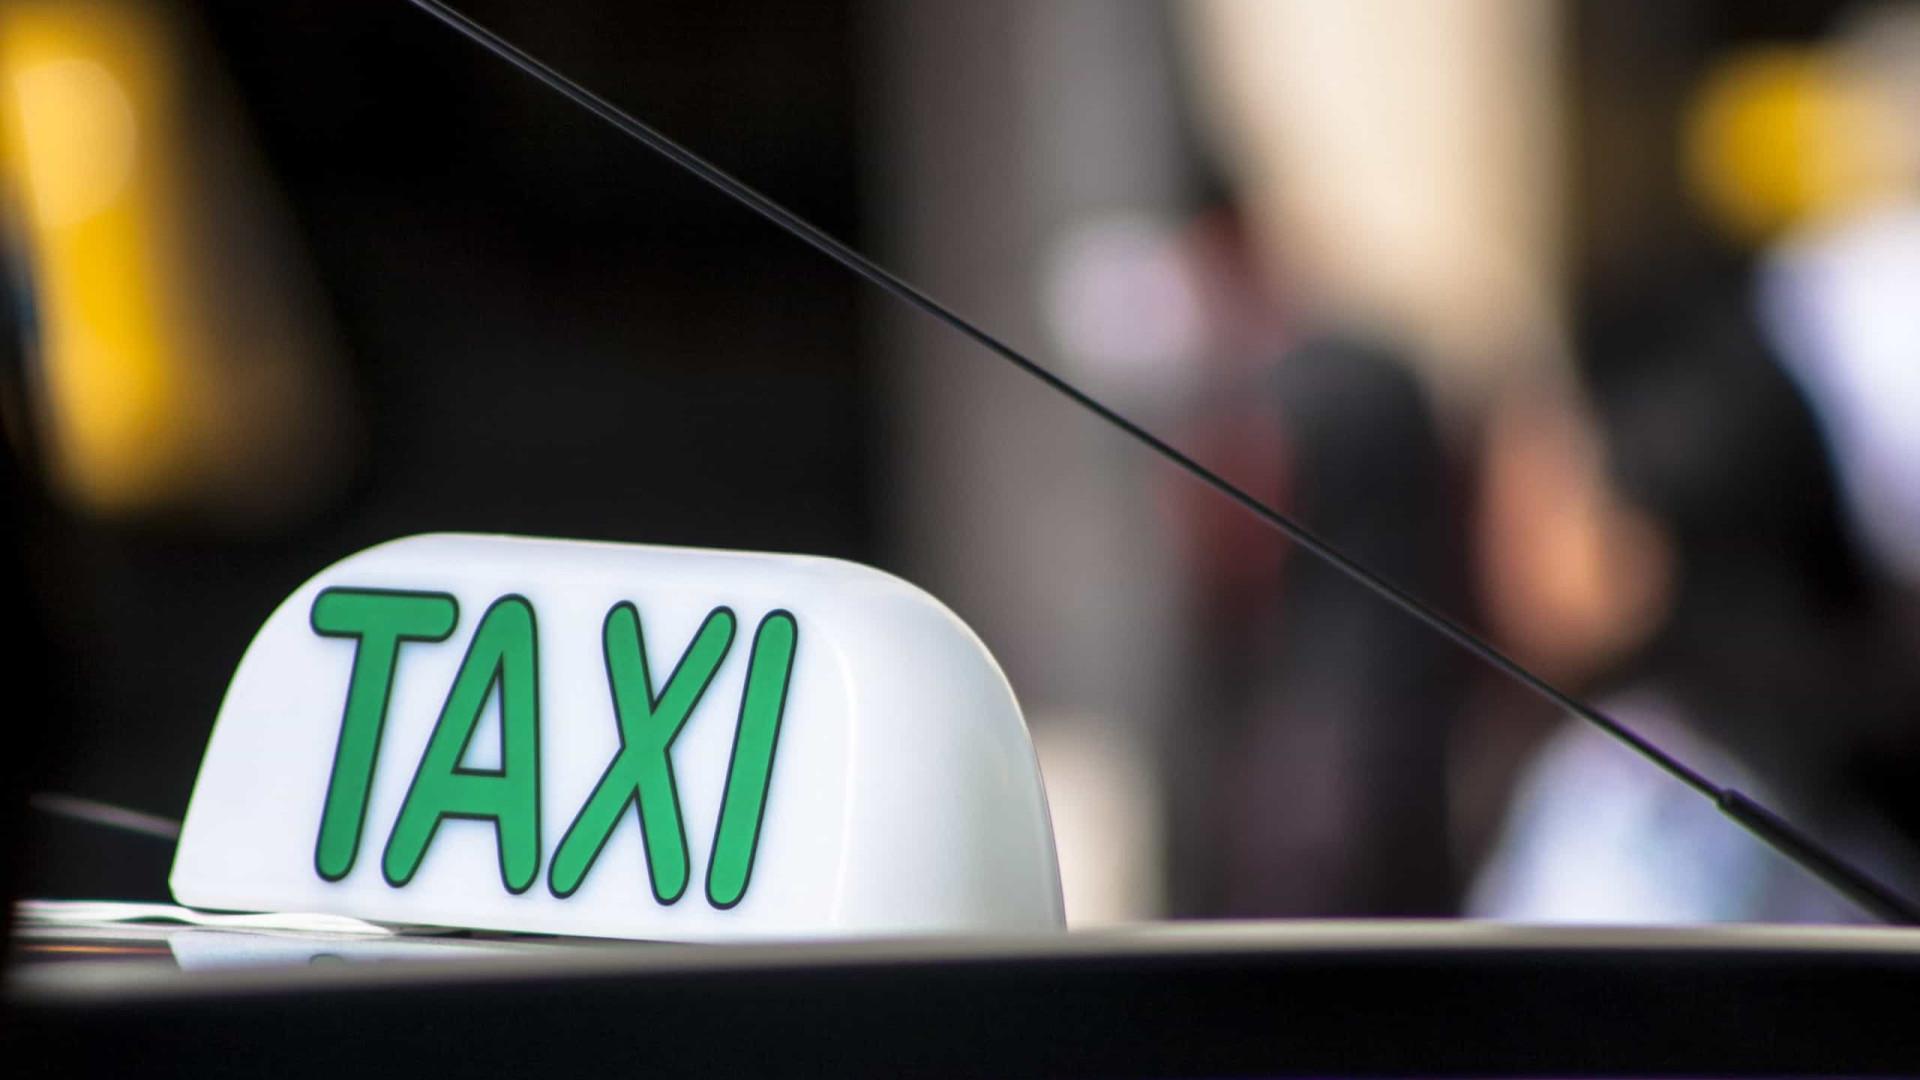 Prefeitura de São Paulo volta a cobrar pelo alvará de taxistas